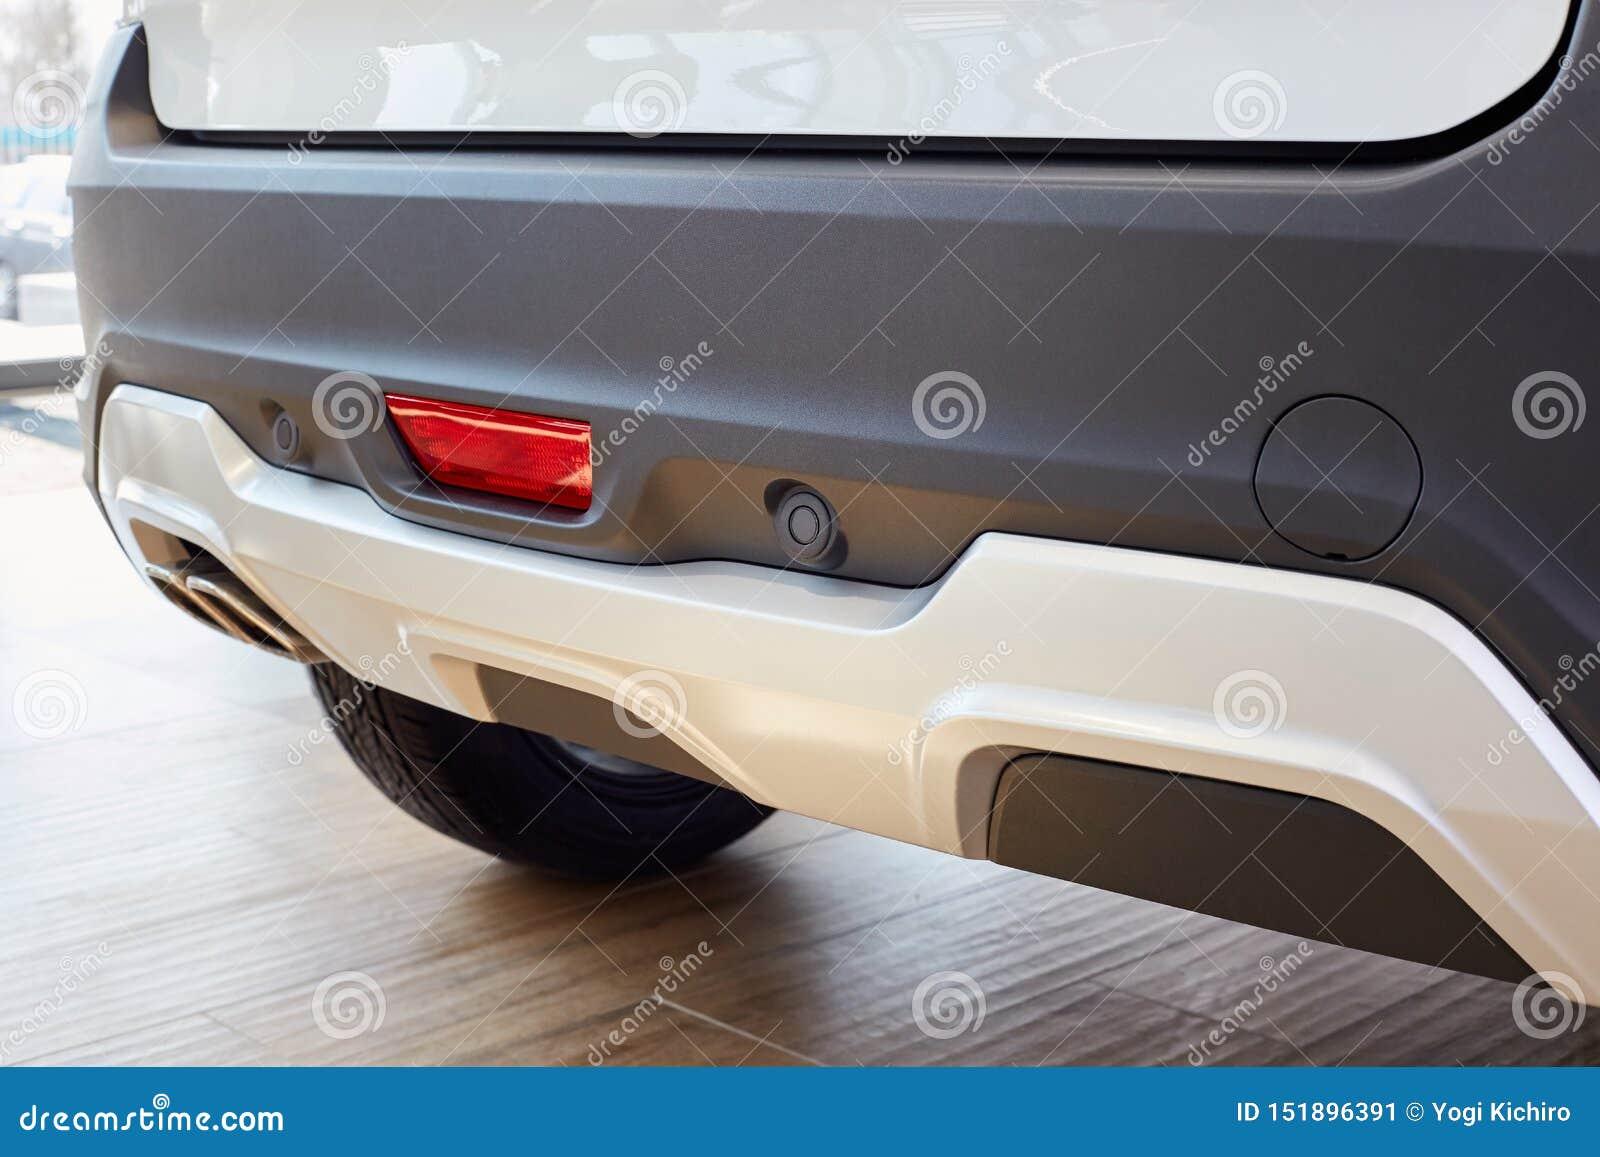 Sensores que parquean en un coche blanco, el parachoques trasero con el reflector y el tubo de escape y el lugar para instalar el